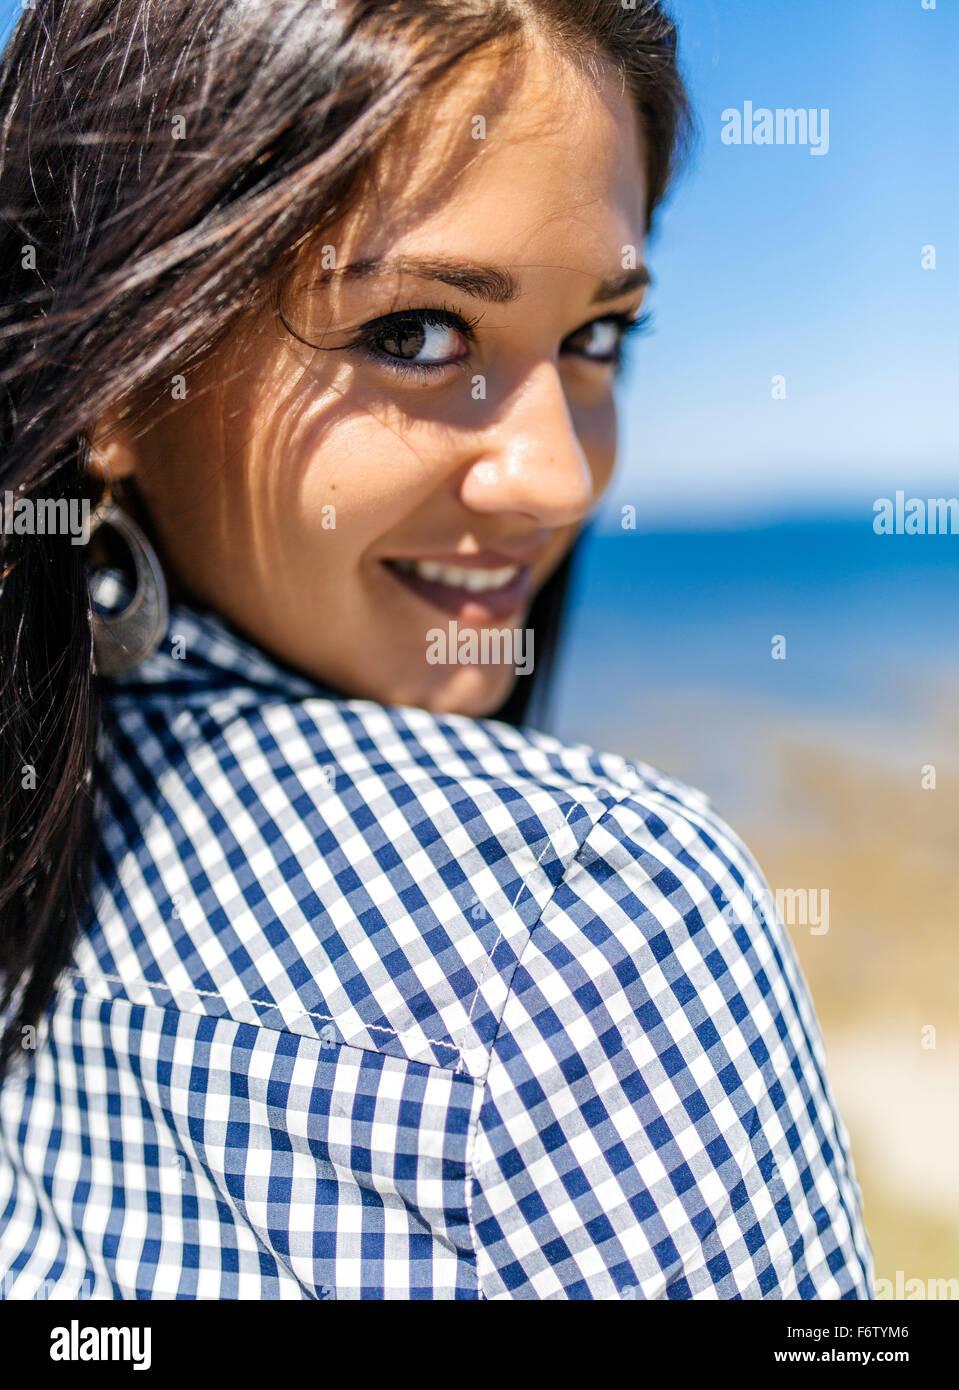 Portrait d'une adolescente attrayant Photo Stock